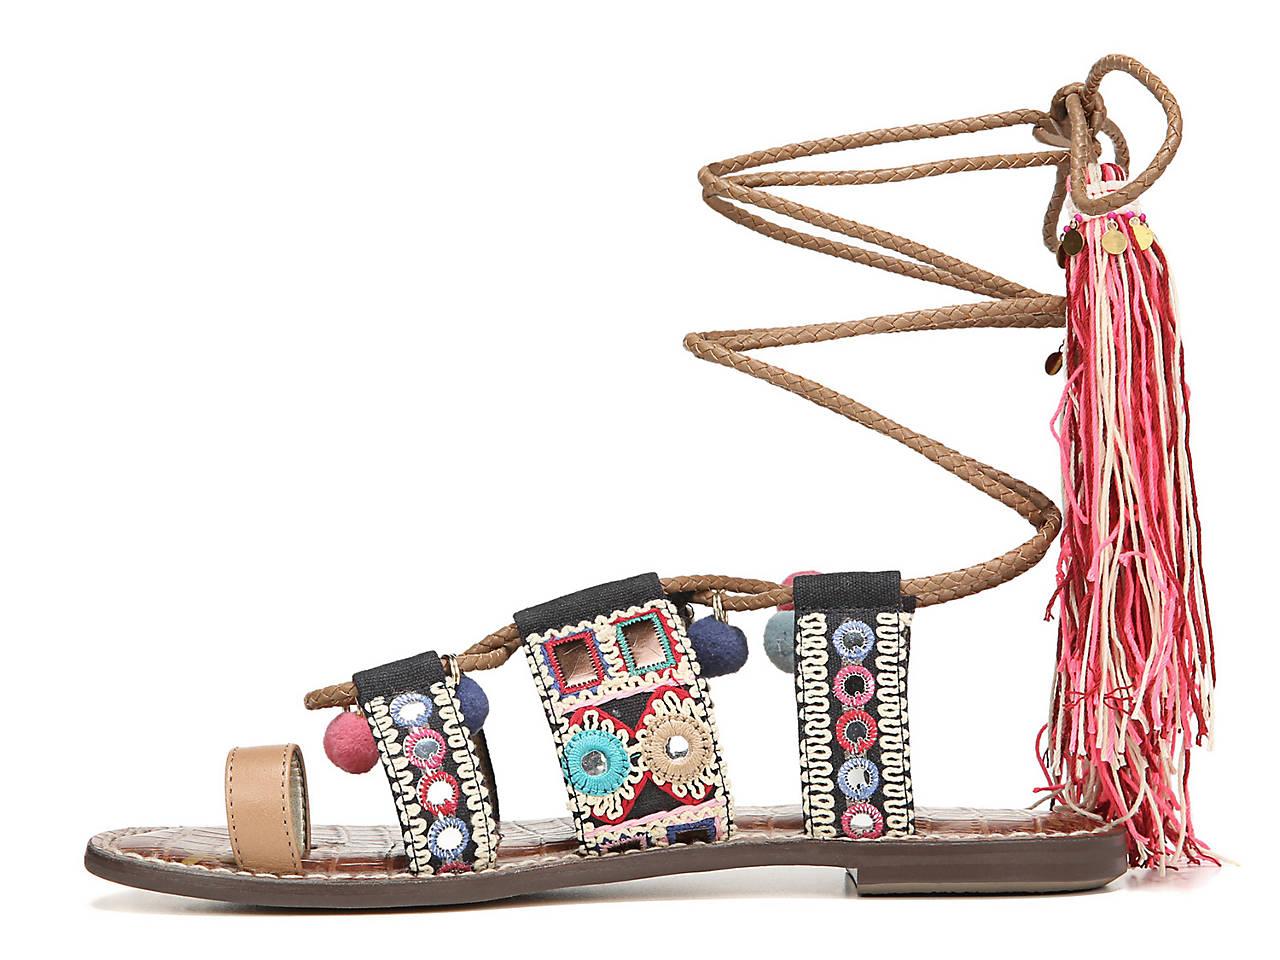 4348b2255462 Sam Edelman Gretchen Gladiator Sandal Women s Shoes